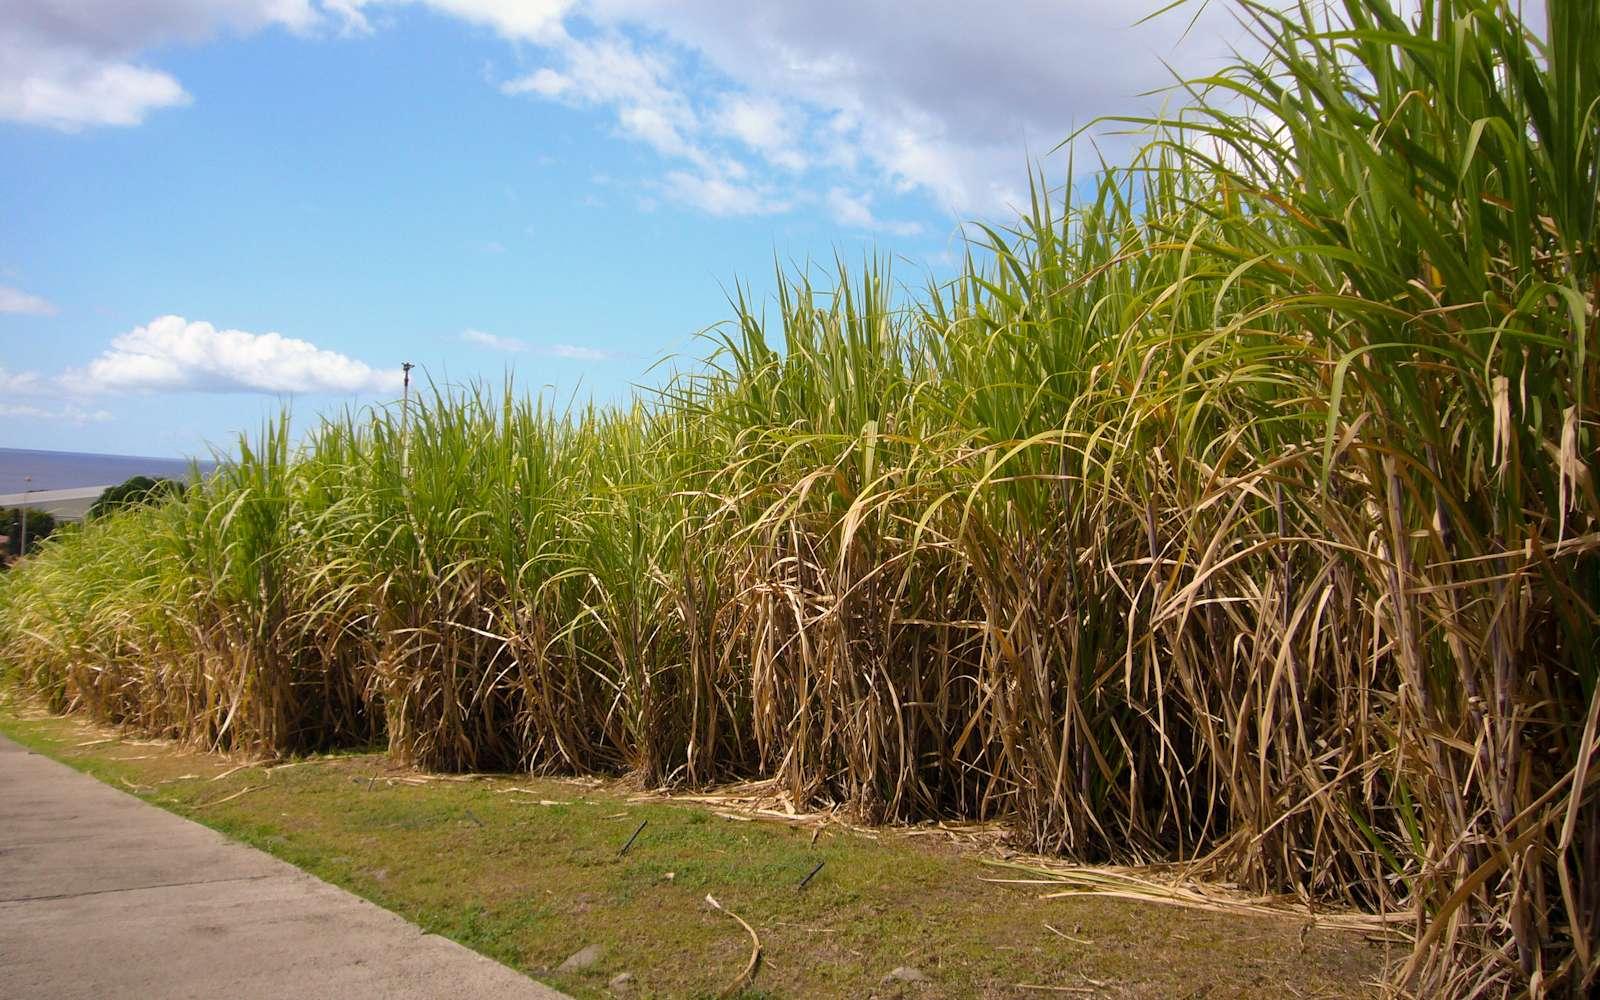 Plantation de canne à sucre pour du biocarburant, matière première nécessaire à la fabrication d'éthanol. Elle est la première plante cultivée à l'échelle de la planète et représente ainsi 23 % de la masse agricole produite. © Romain Decker, cc by nc nd 2.0